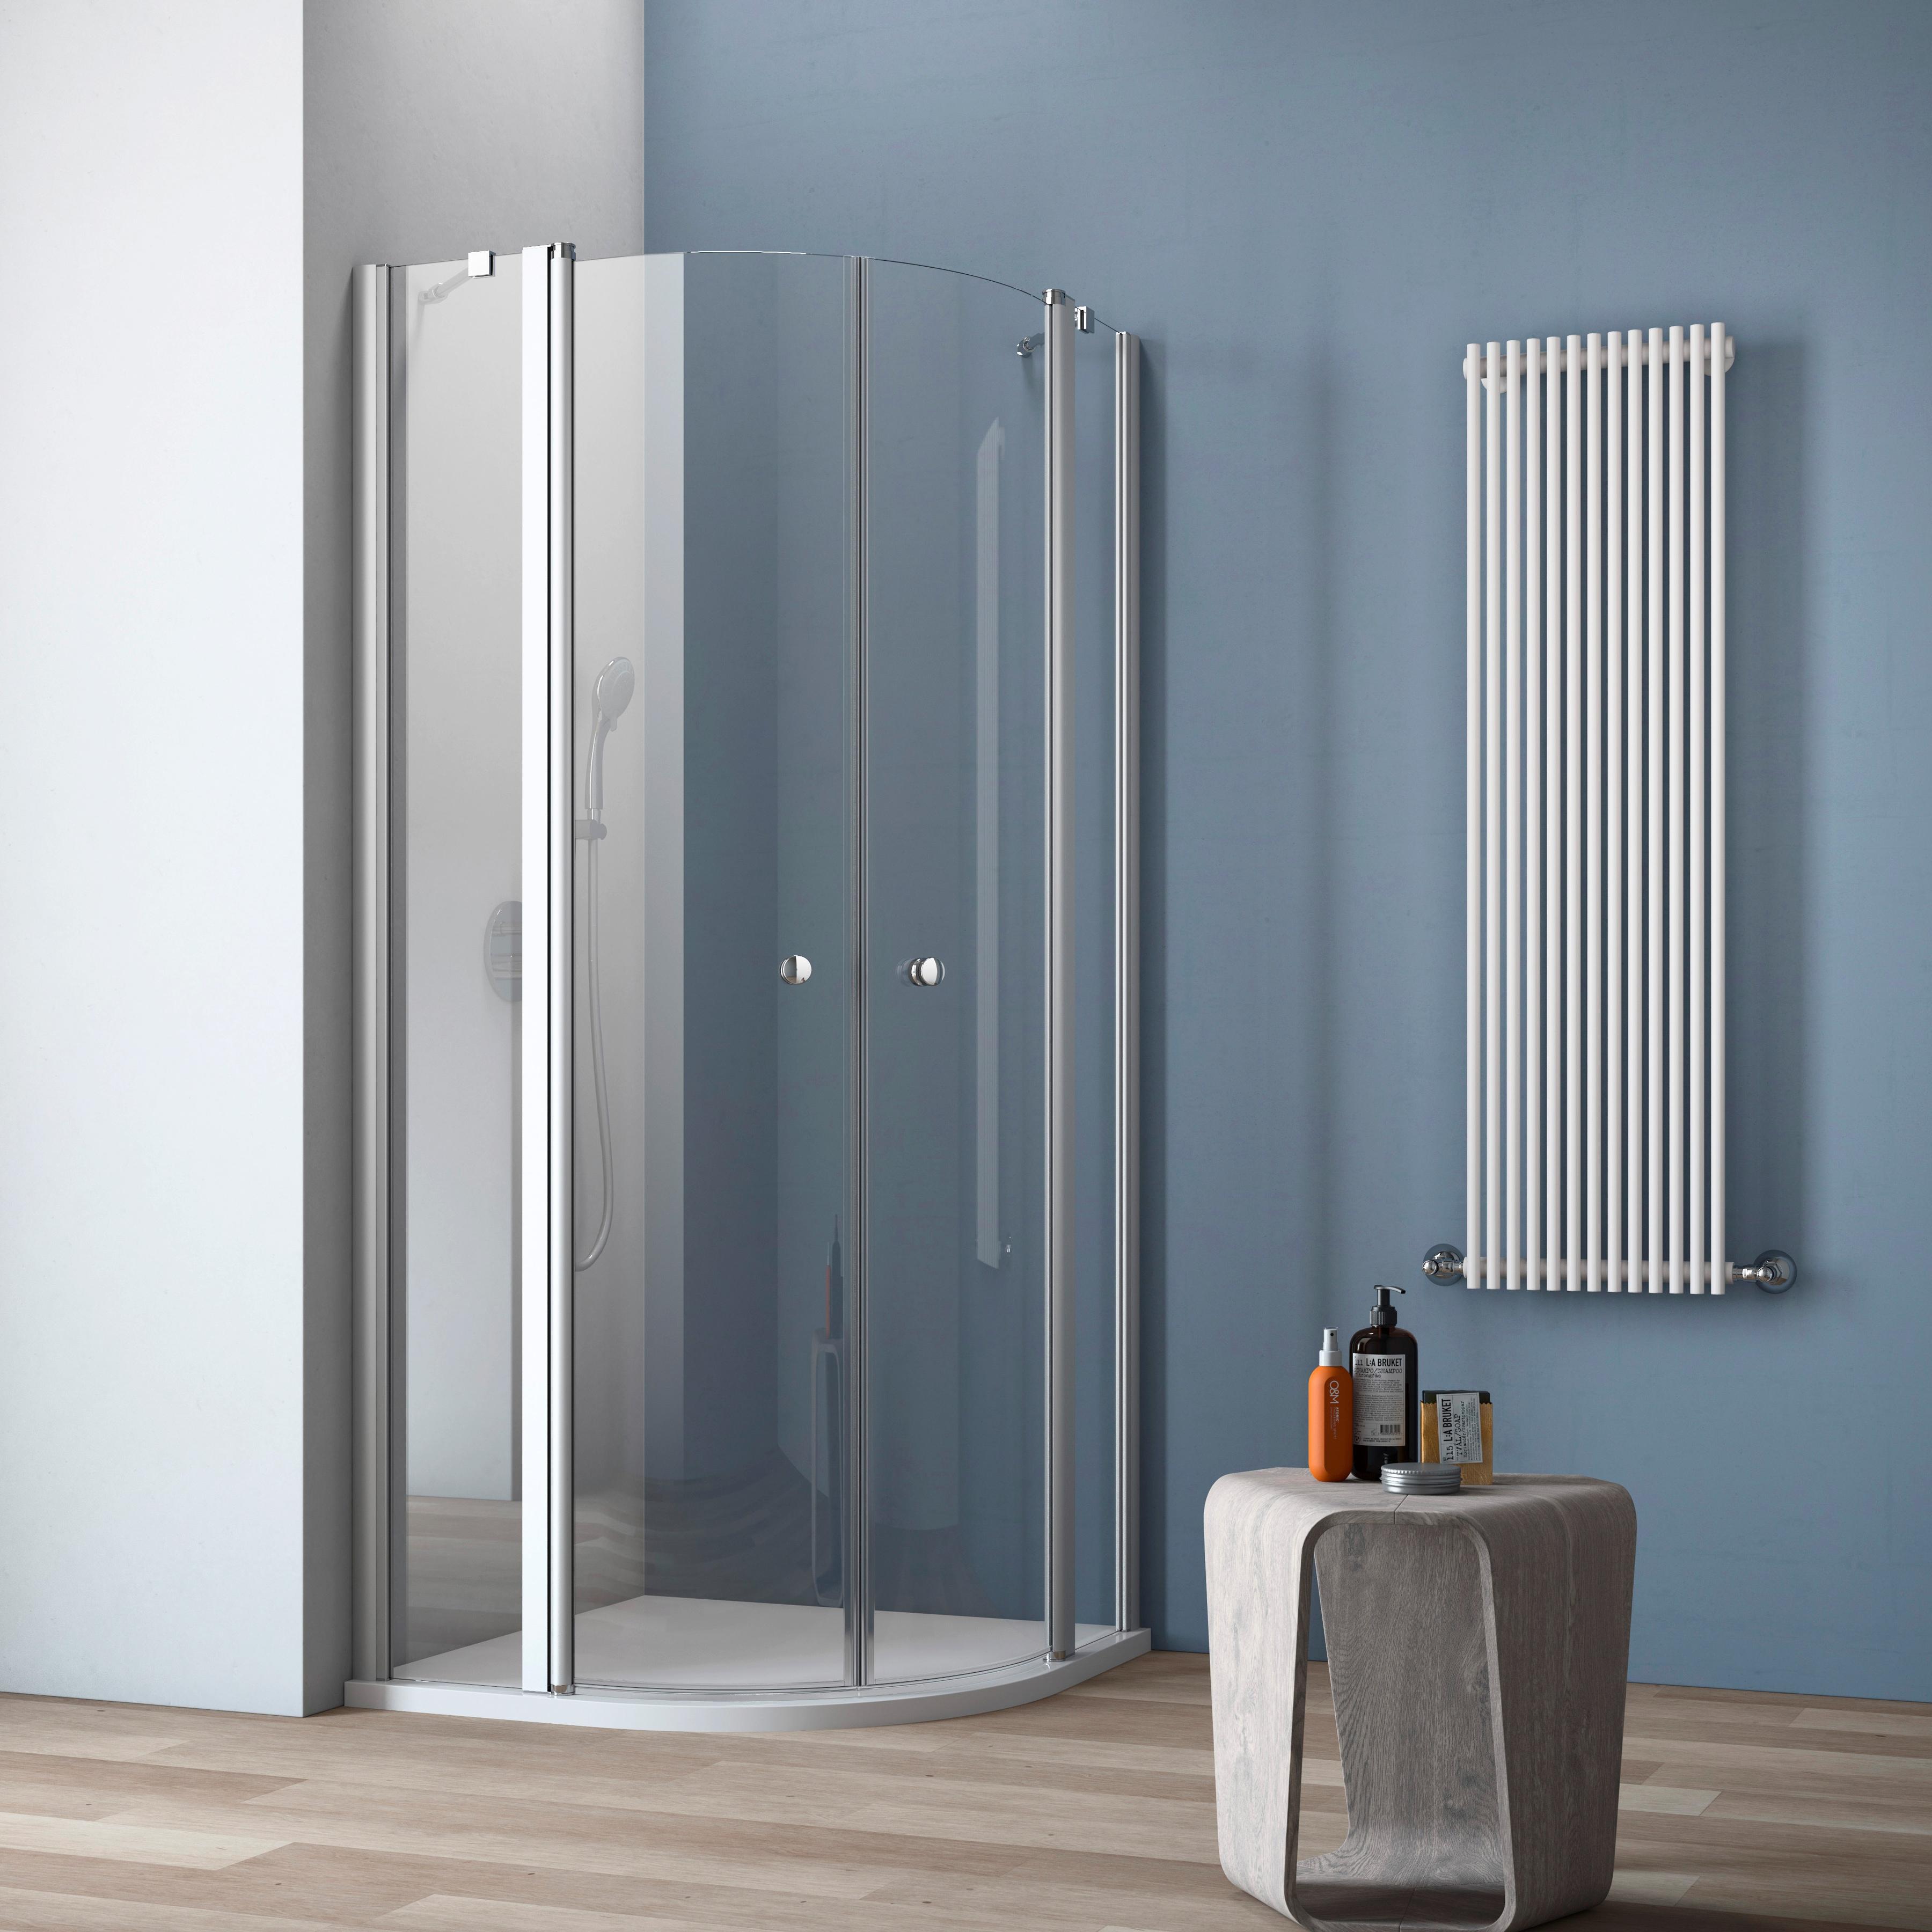 maw Runddusche A-R200, ebenerdiger Einbau möglich silberfarben Duschkabinen Duschen Bad Sanitär Eckdusche